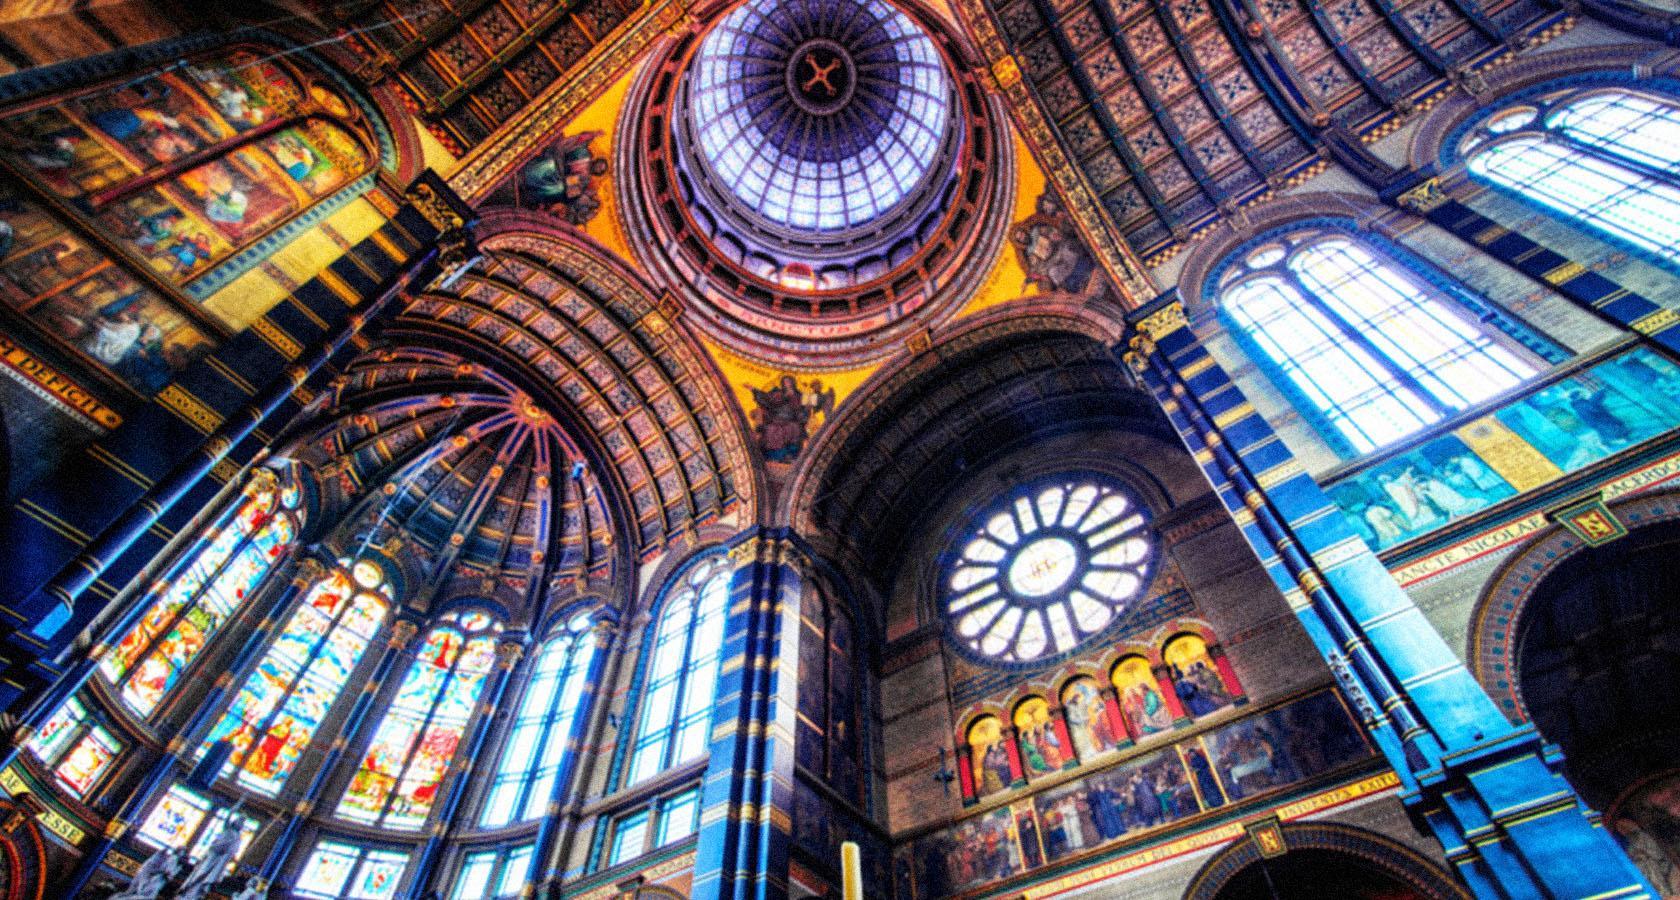 архитектура город страны Базилика Святого Николая Амстердам  № 3712212 бесплатно